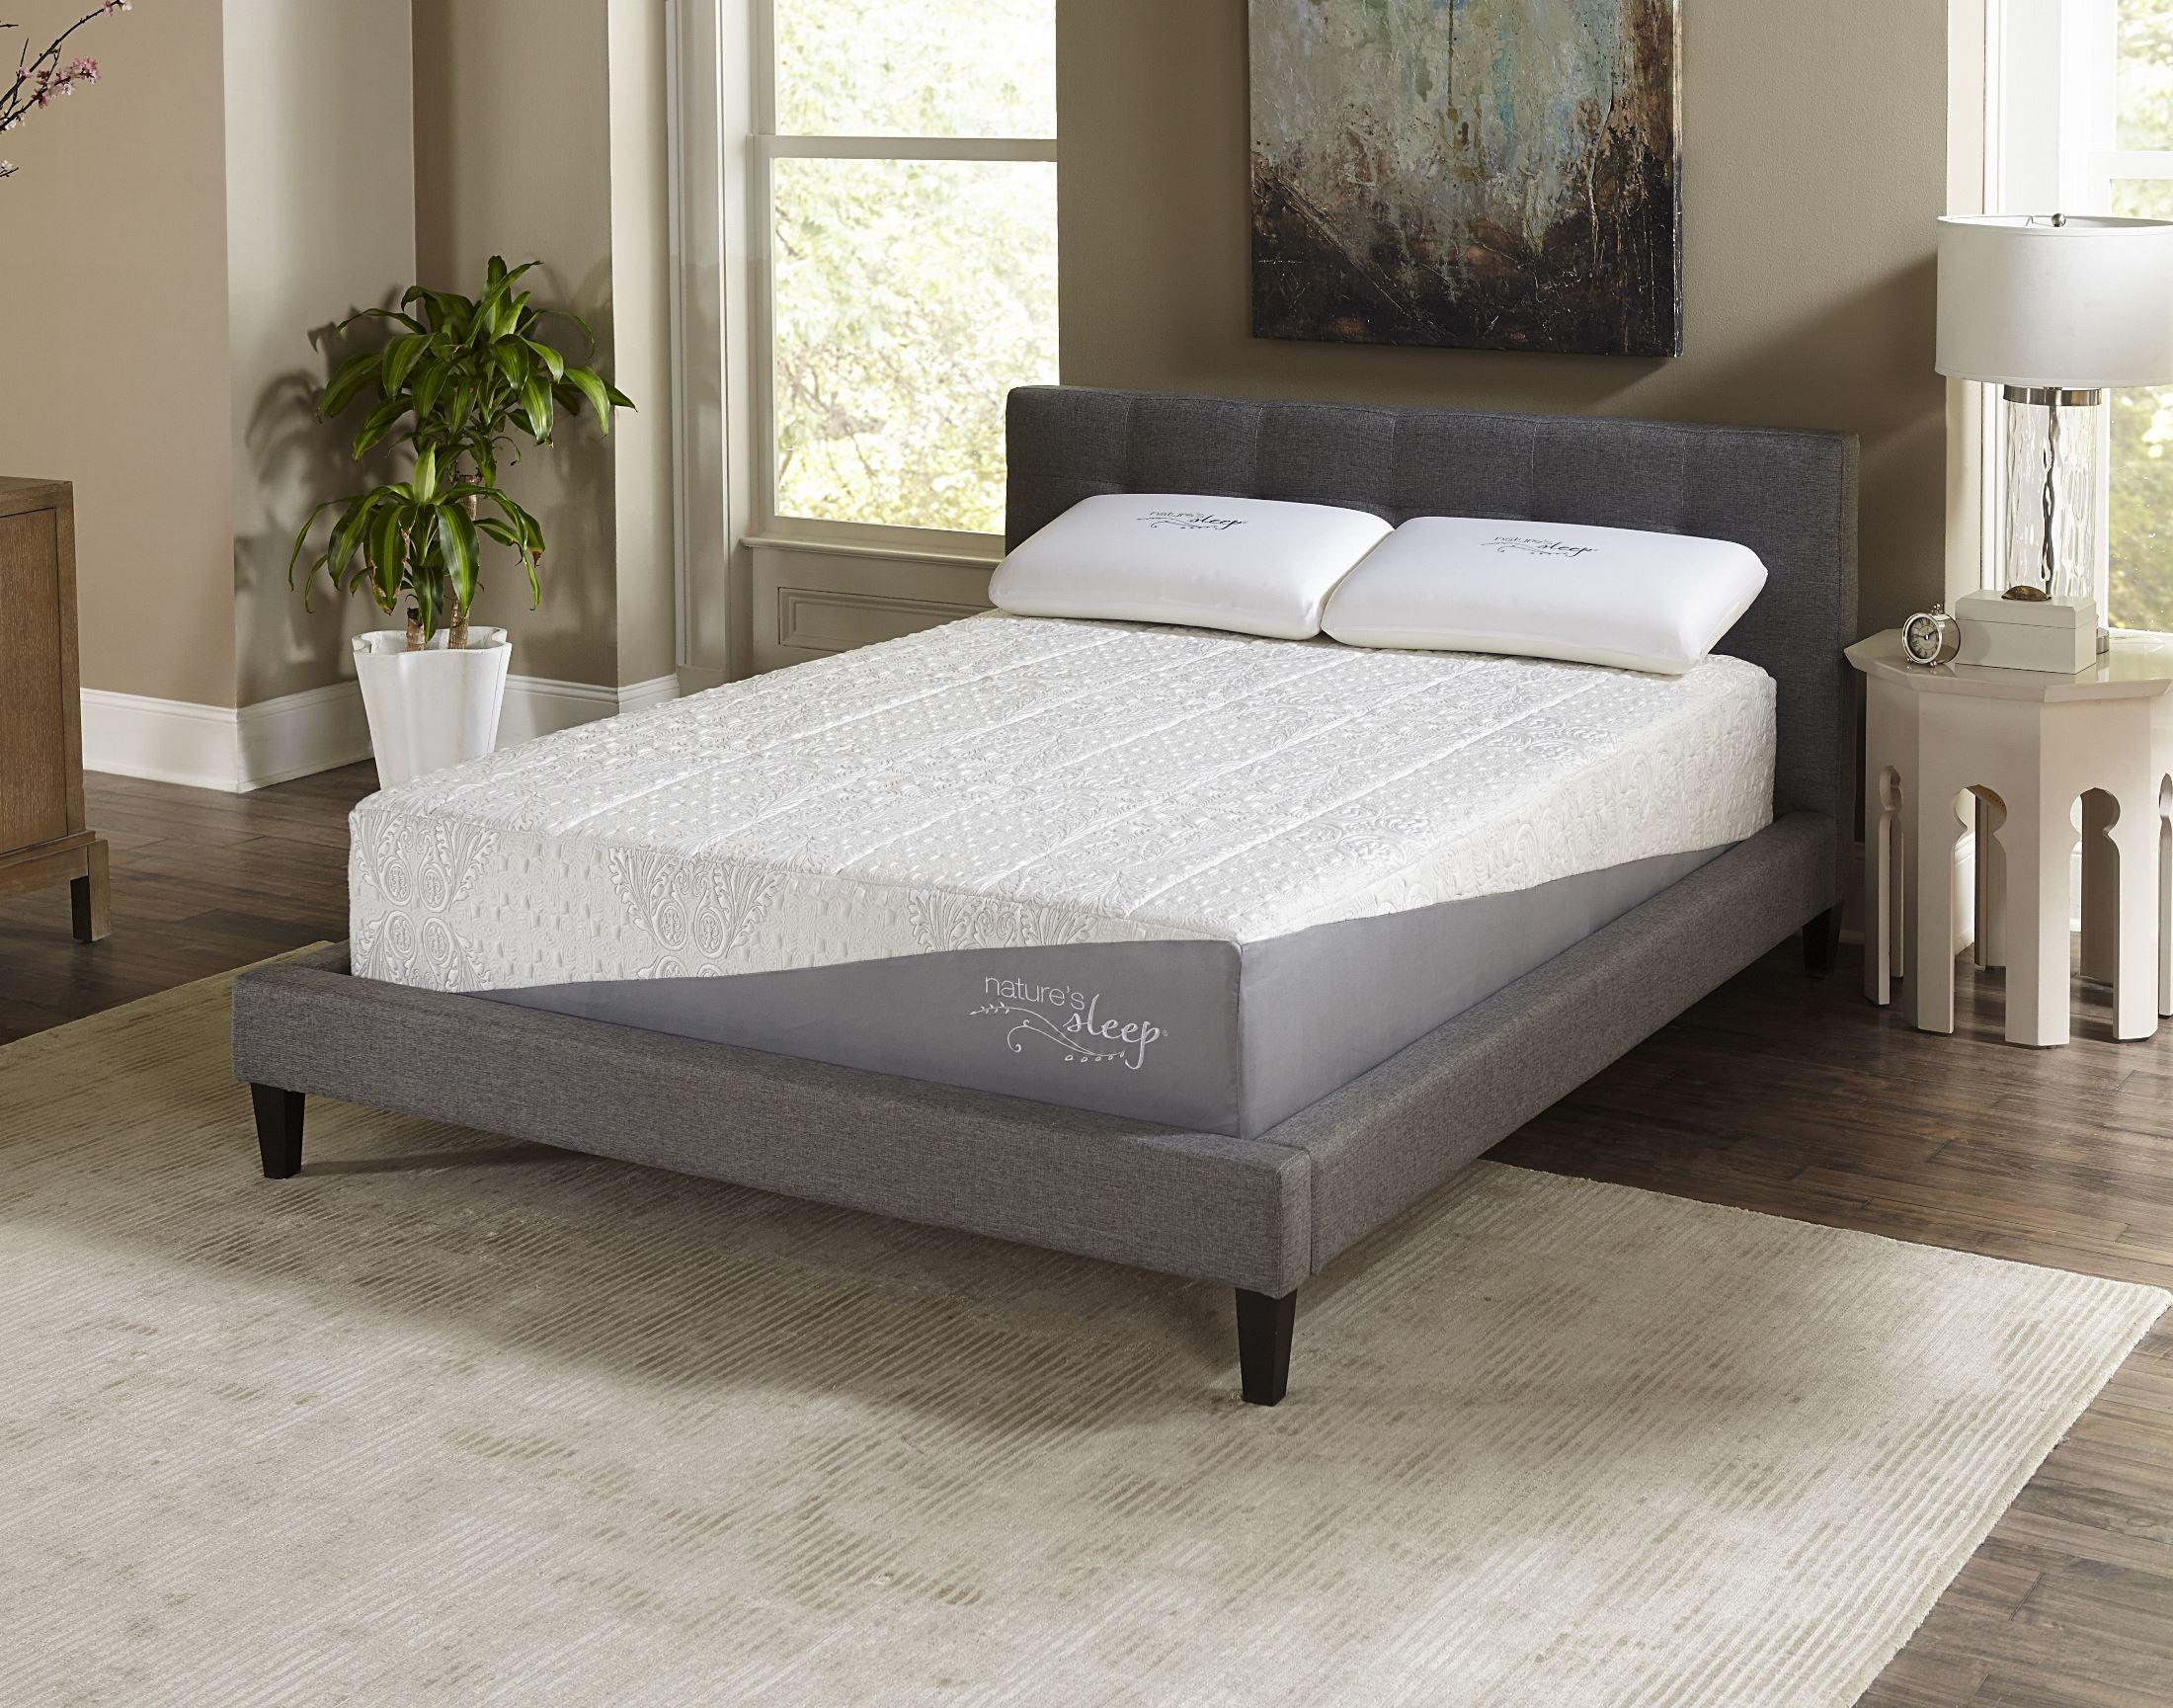 12 Gel Memory Foam Queen Firm Mattress From Nature 39 S Sleep 12f4050 Coleman Furniture